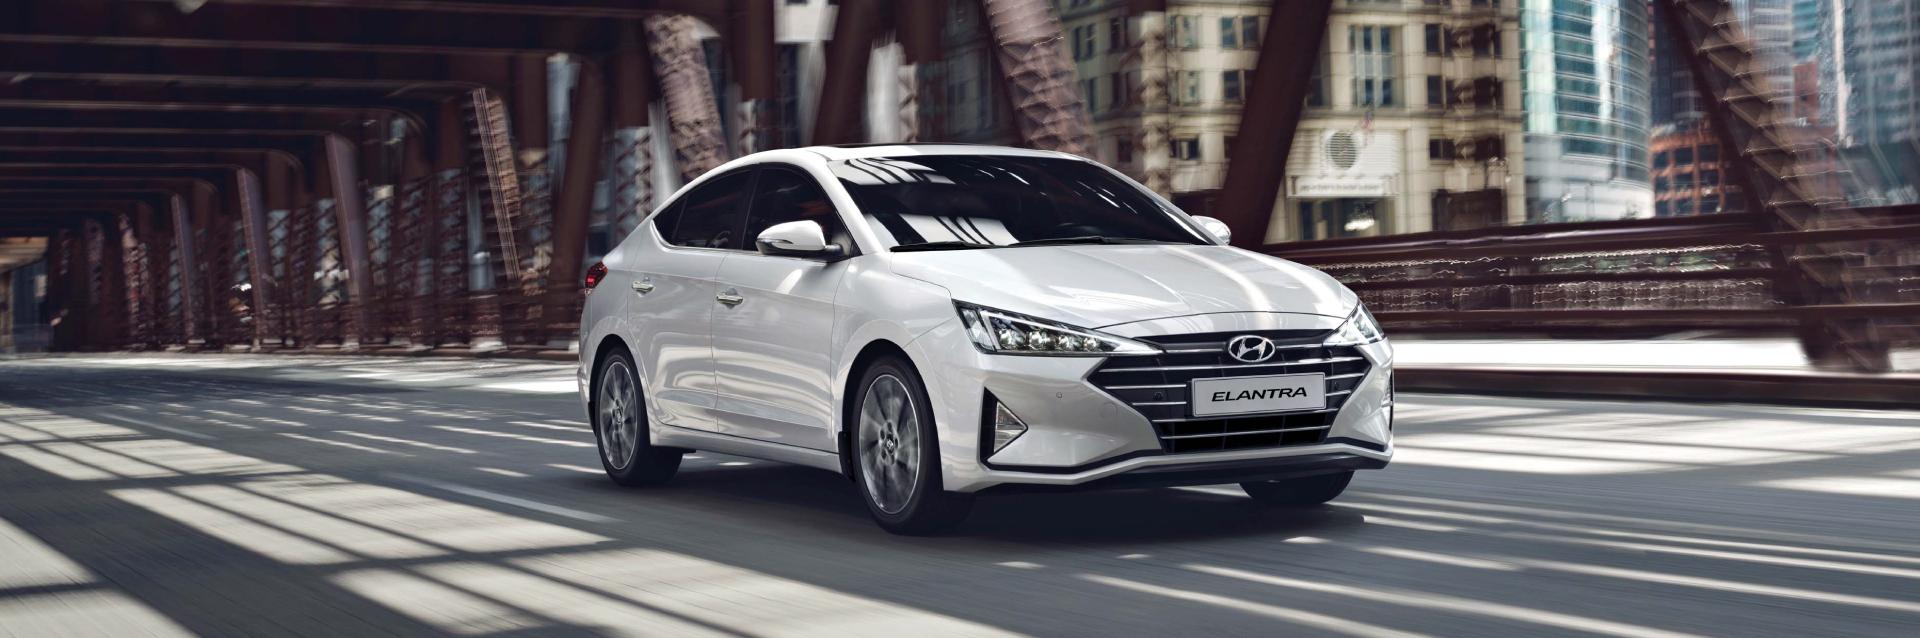 Hyundai - Nouvelle Elantra